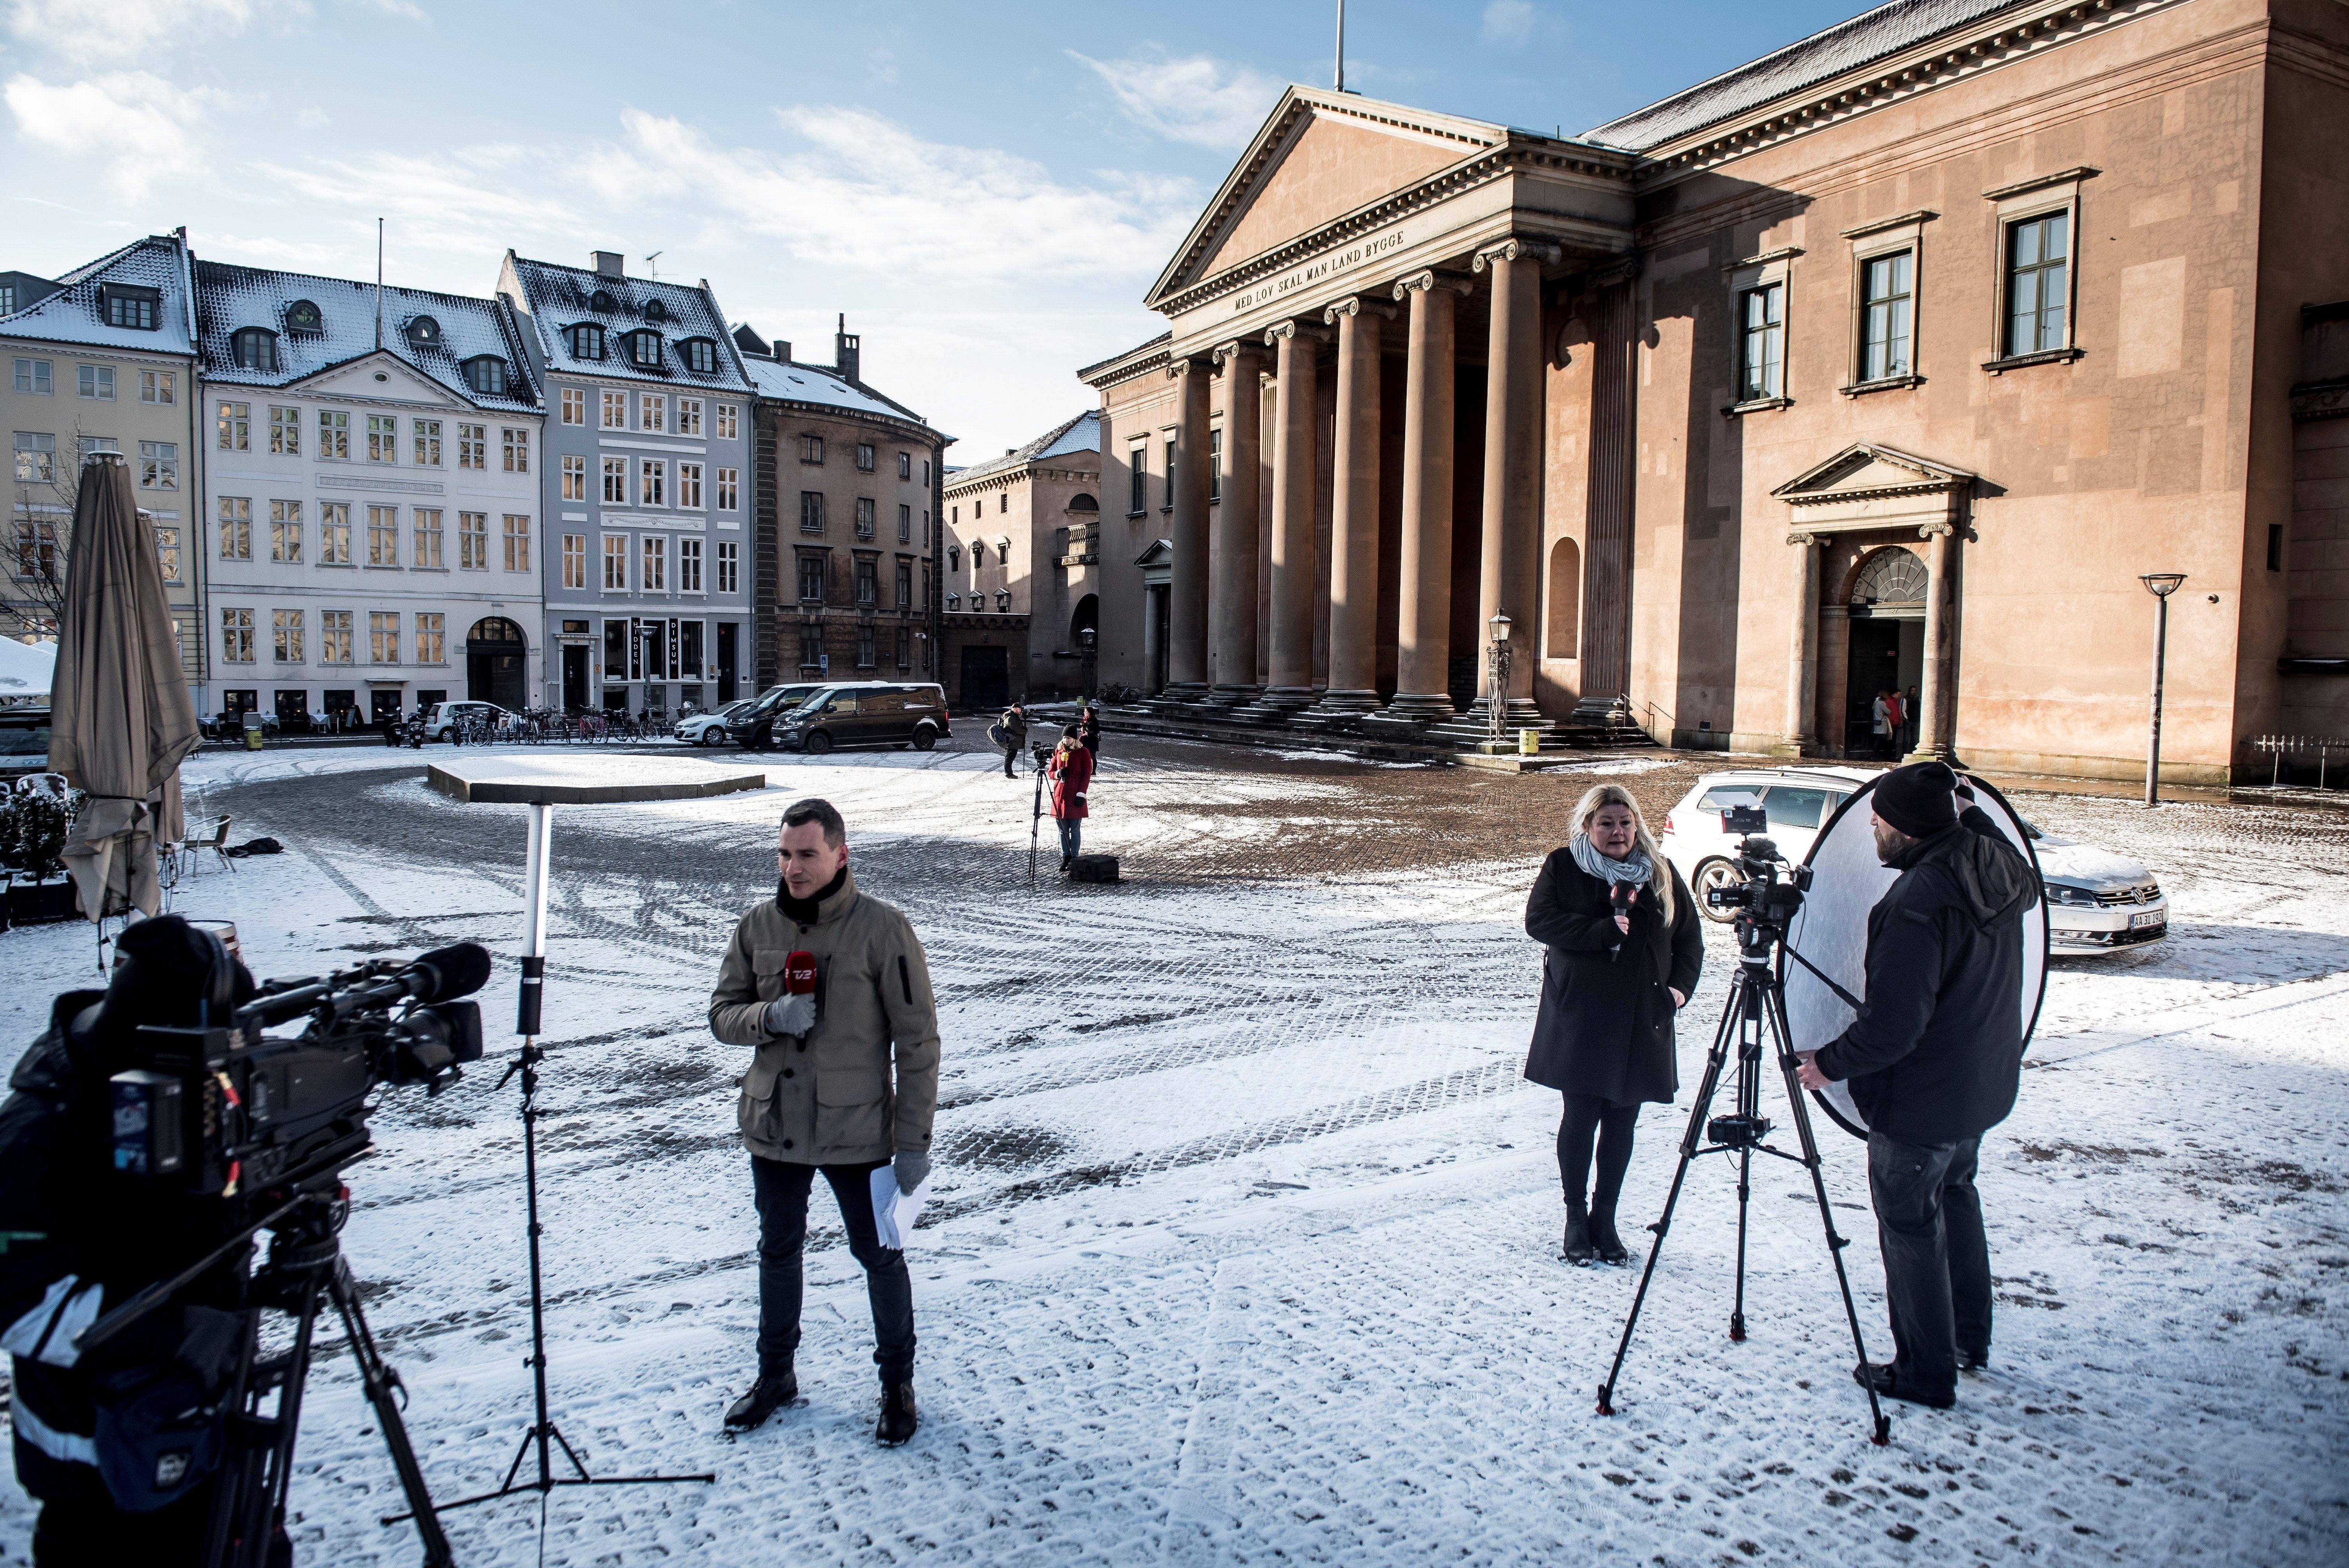 Periodistes davant el tribunal de Copenhaguen pendents la sentència contra l'inventor danès acusat de matar una periodista sueca. /MADS CLAUS